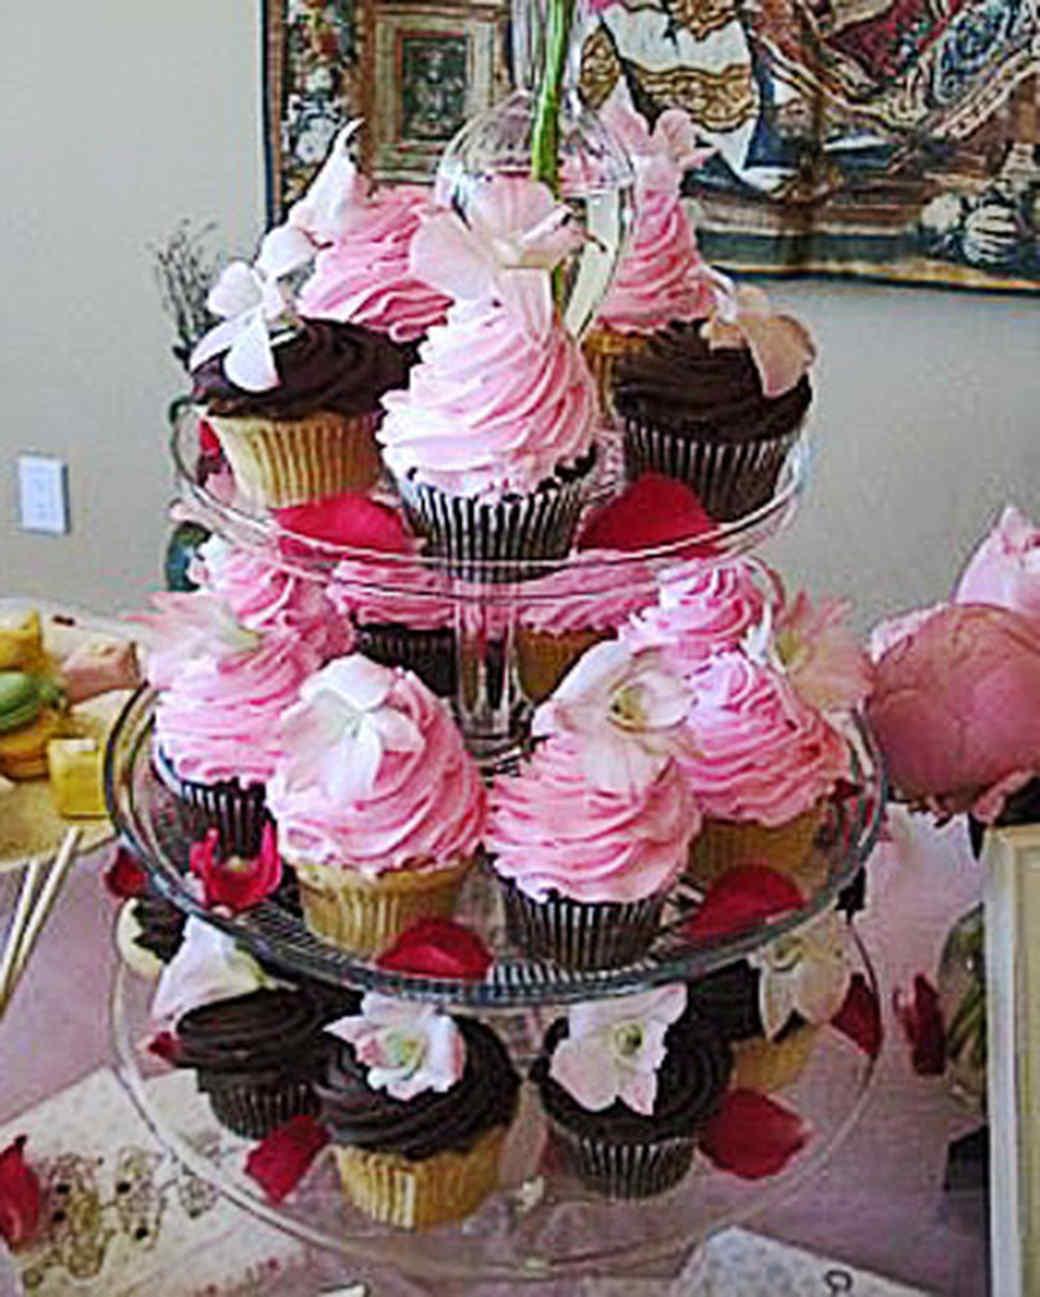 cupcakes_ori73262.jpg